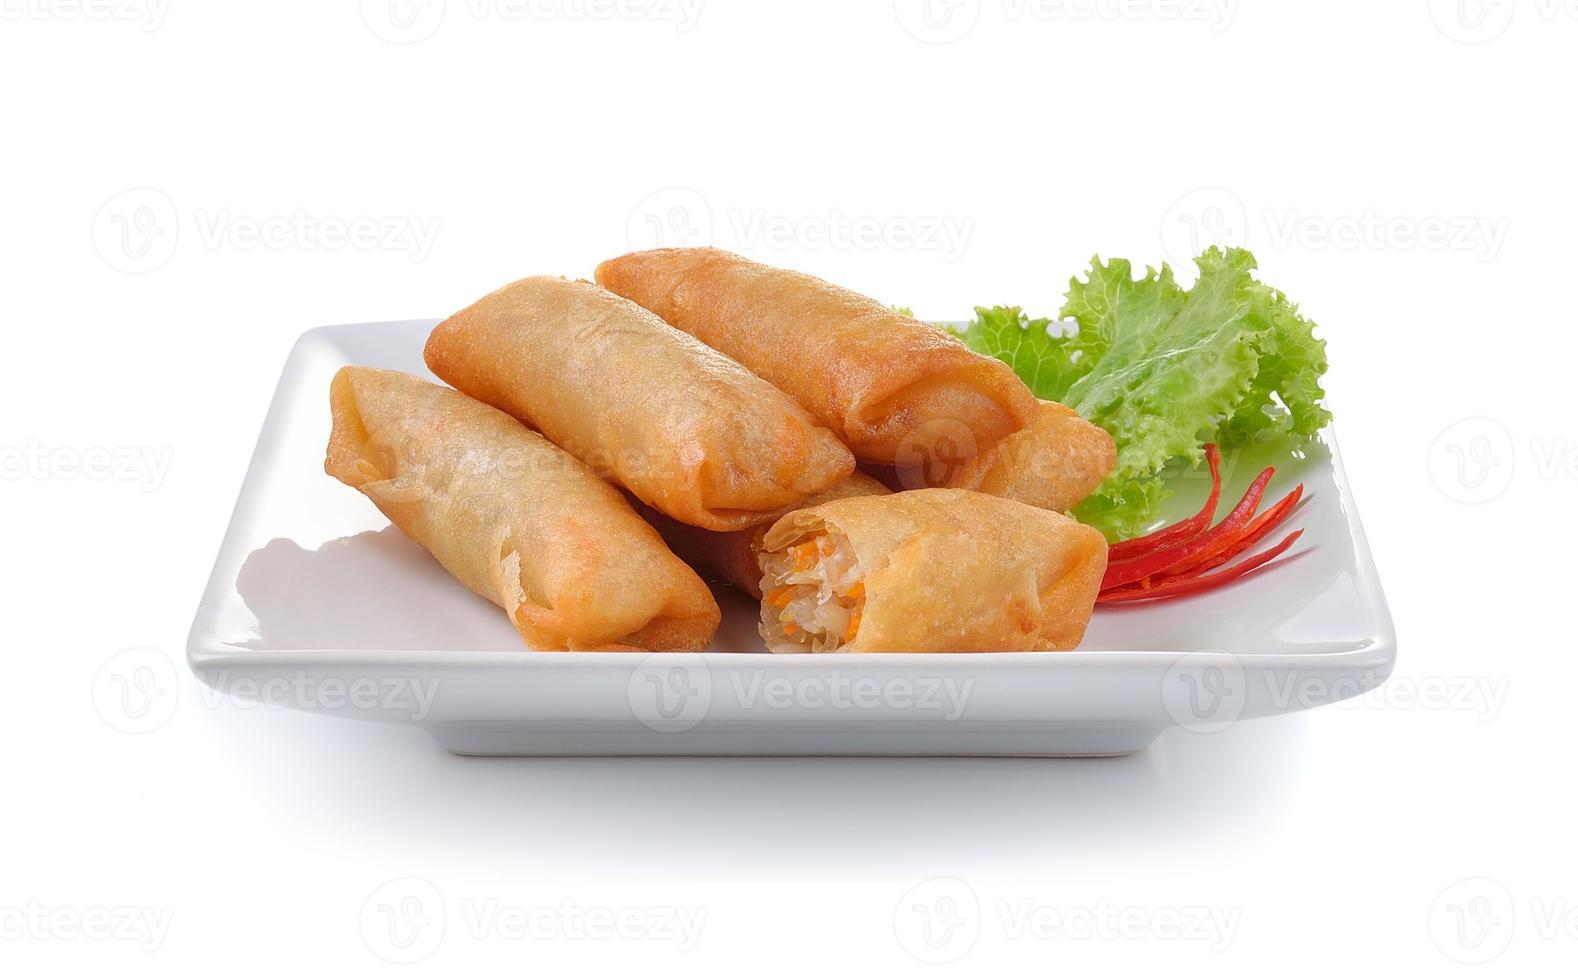 involtino primavera cinese fritto per aperitivo foto